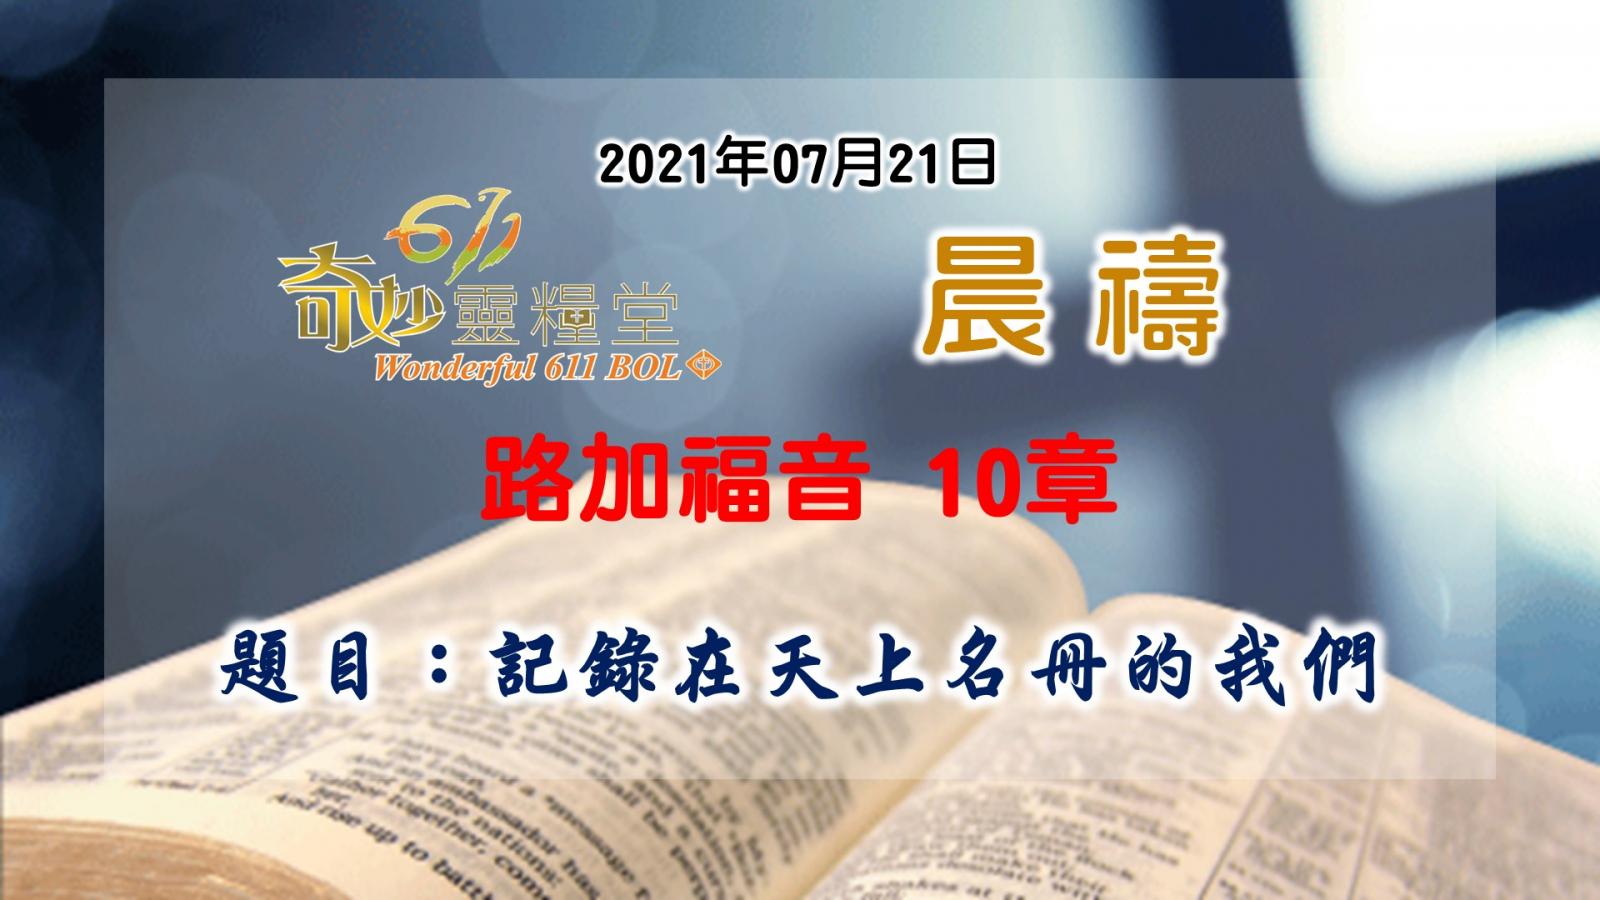 路加福音 10章